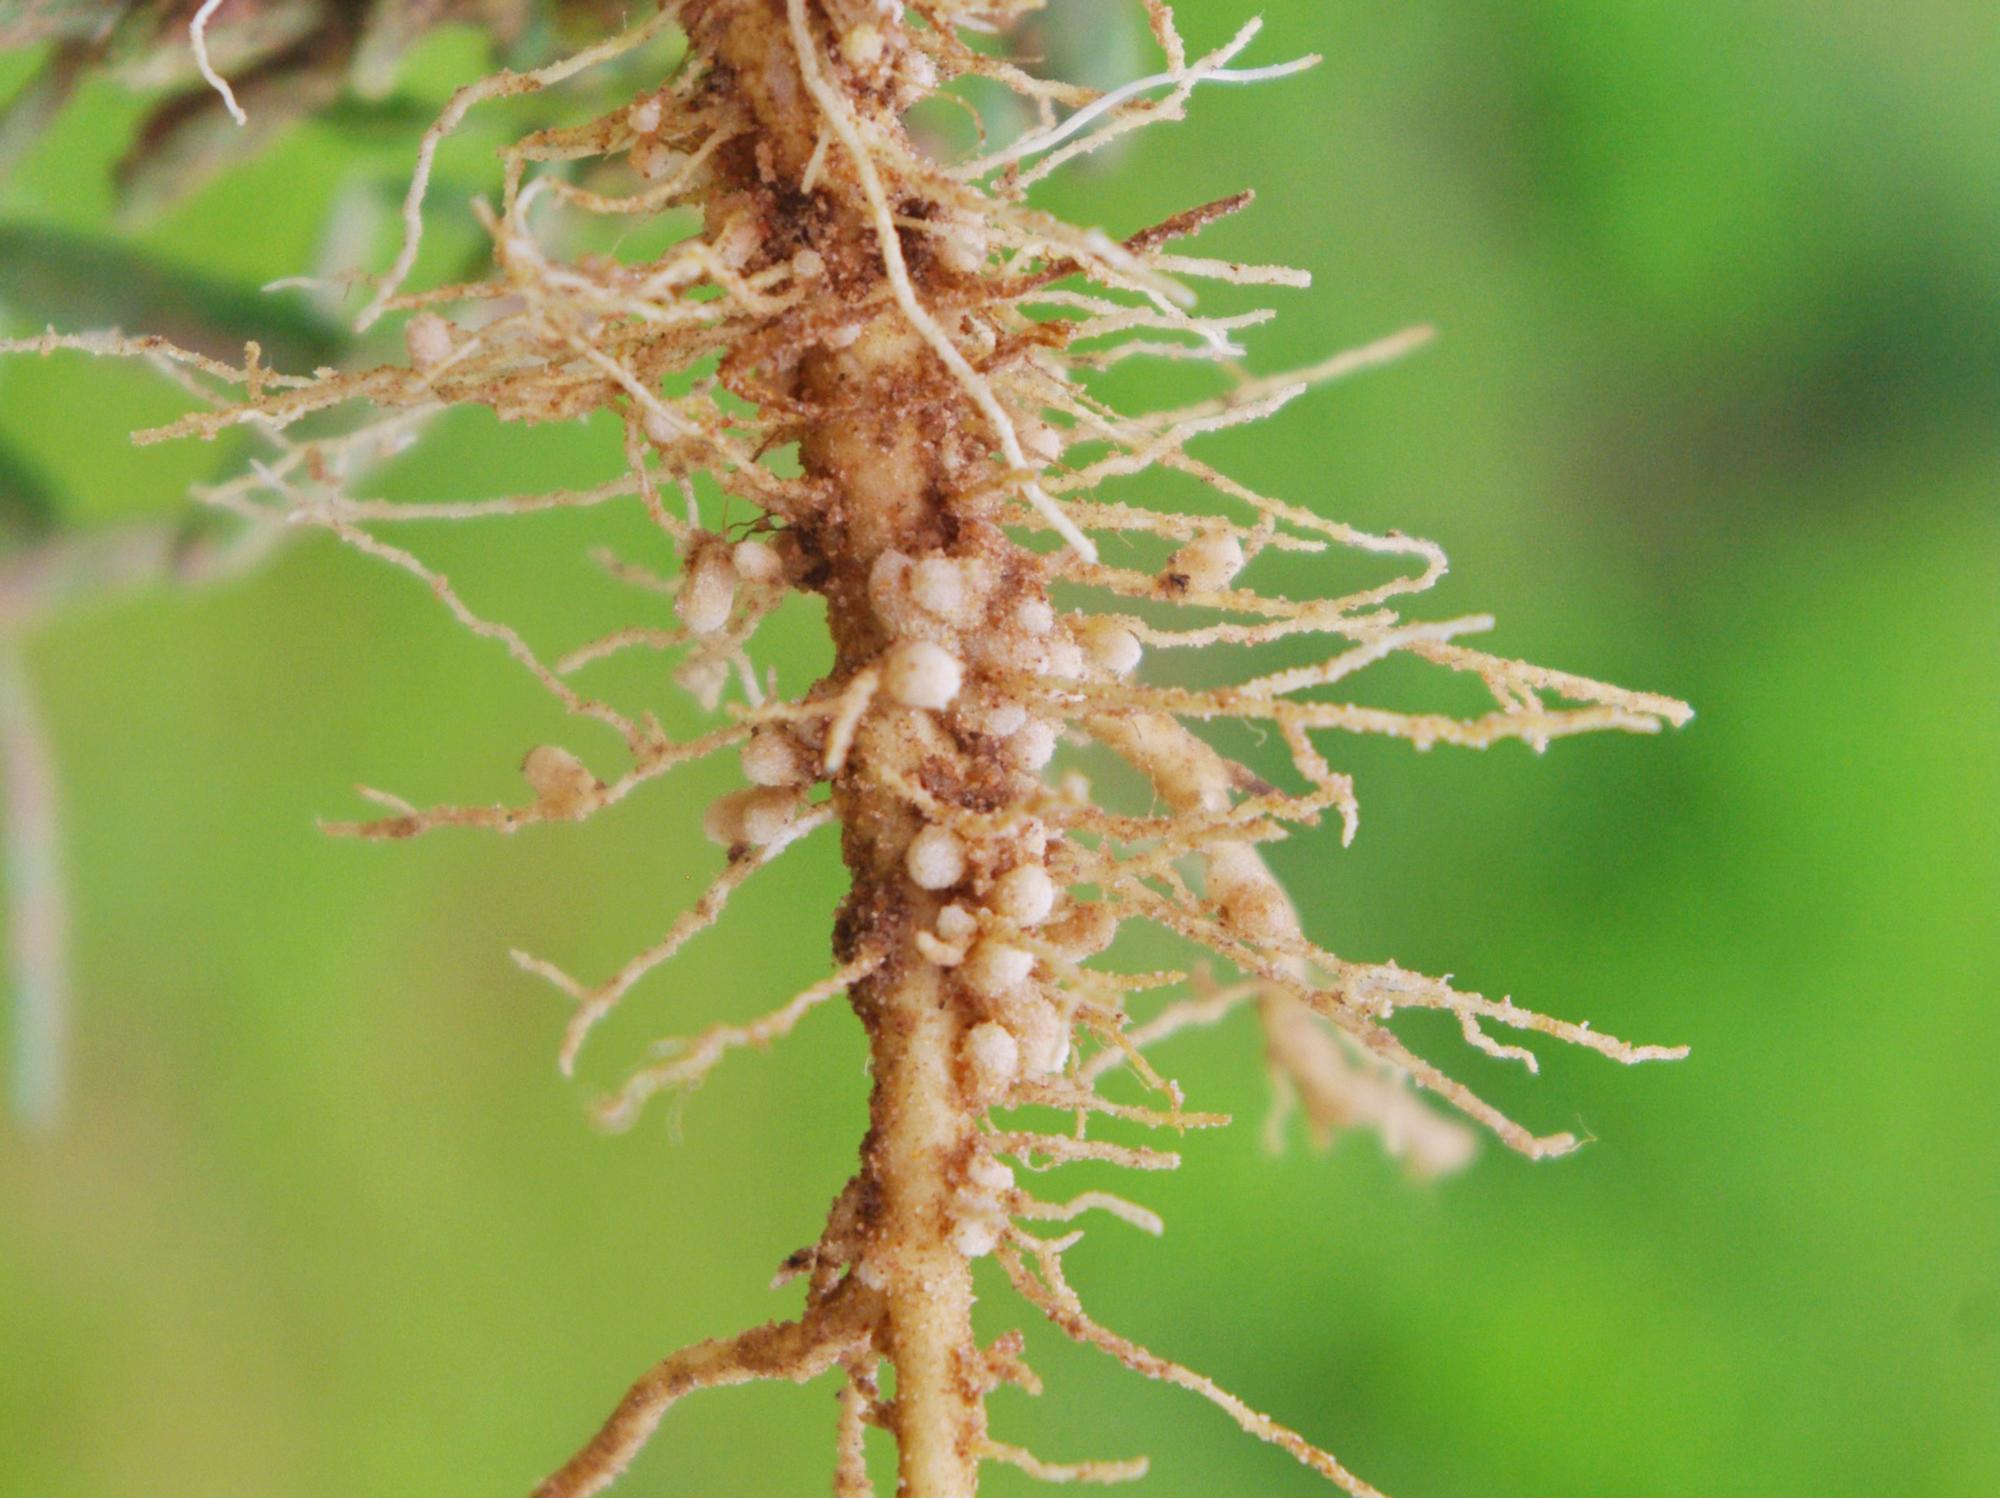 Bacteria nodules of roots fix nitrogen for pea plants